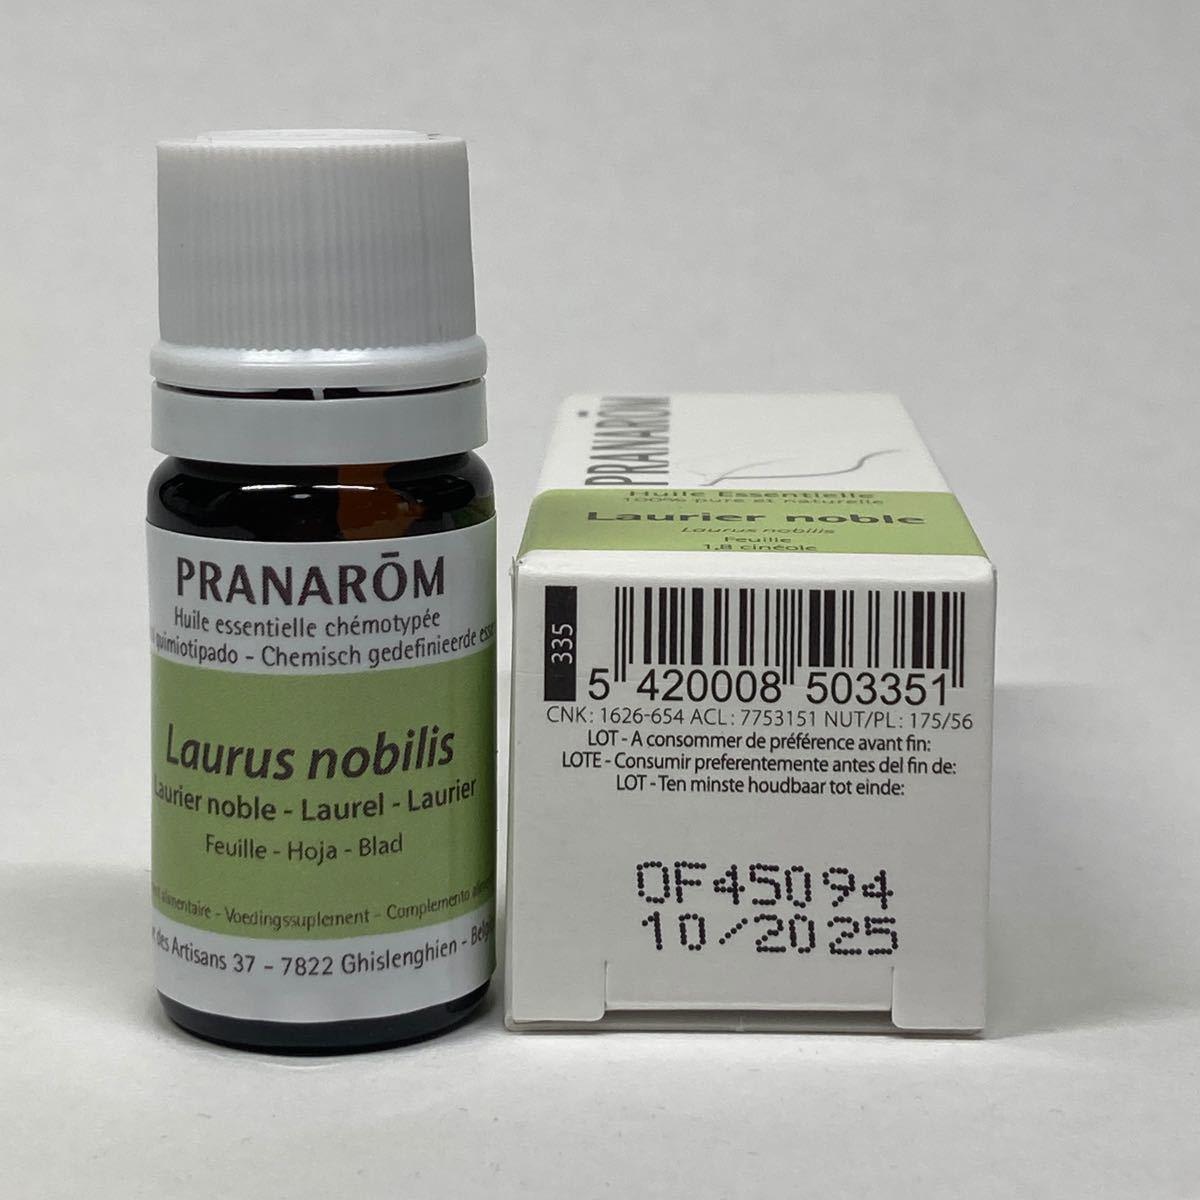 プラナロム ローレル 5ml 精油 PRANAROM ローリエ